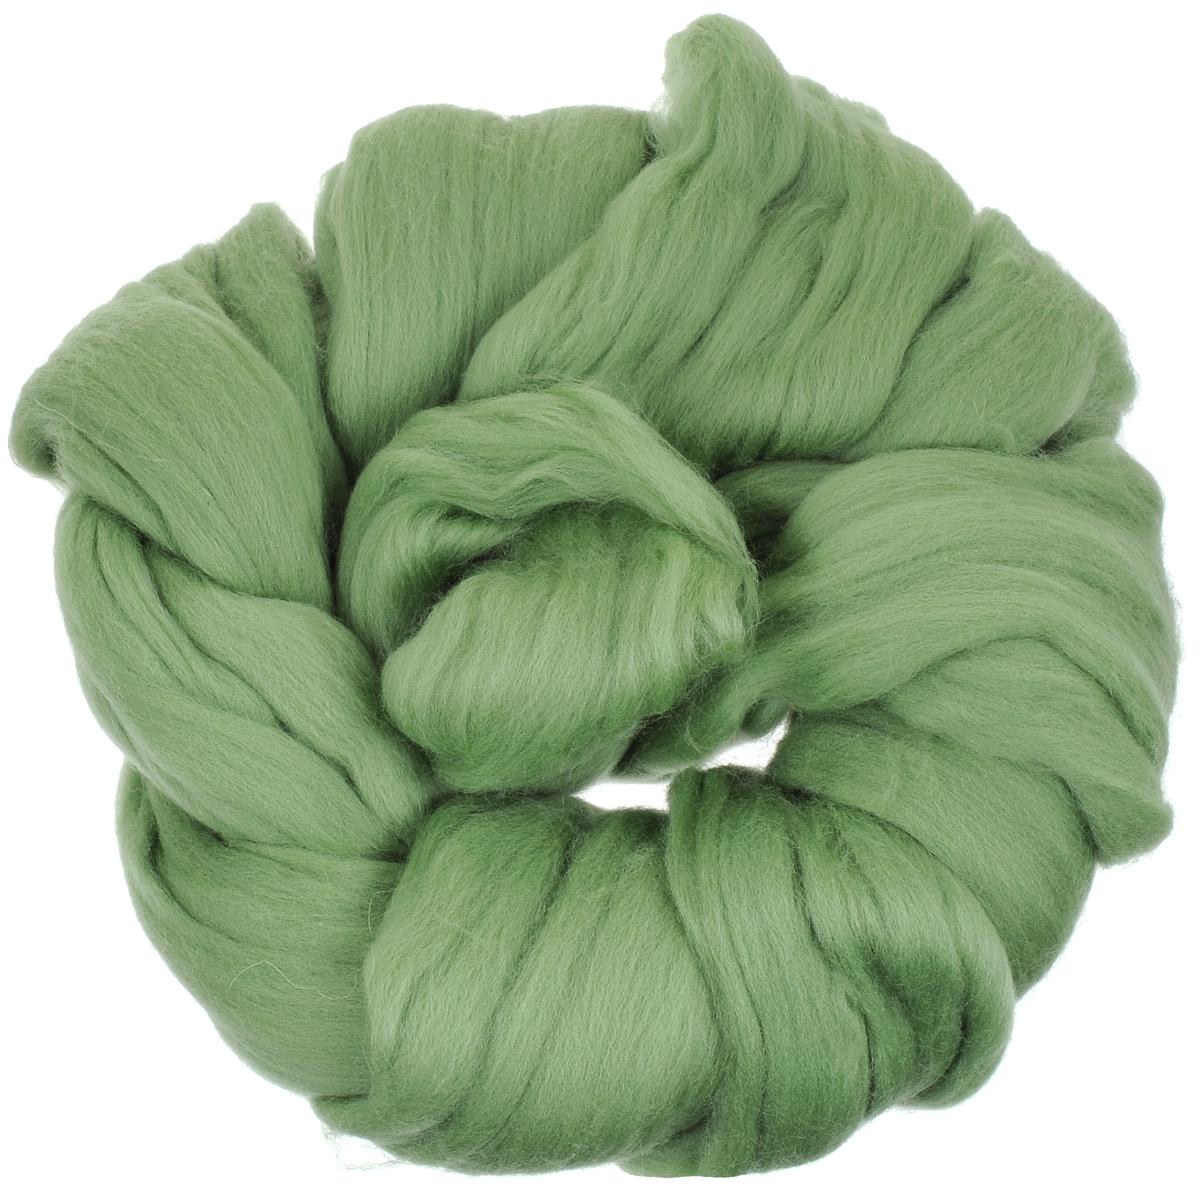 Шерсть для валяния Астра, тонкая, цвет: зеленое яблоко (0582), 100 г366137_0582